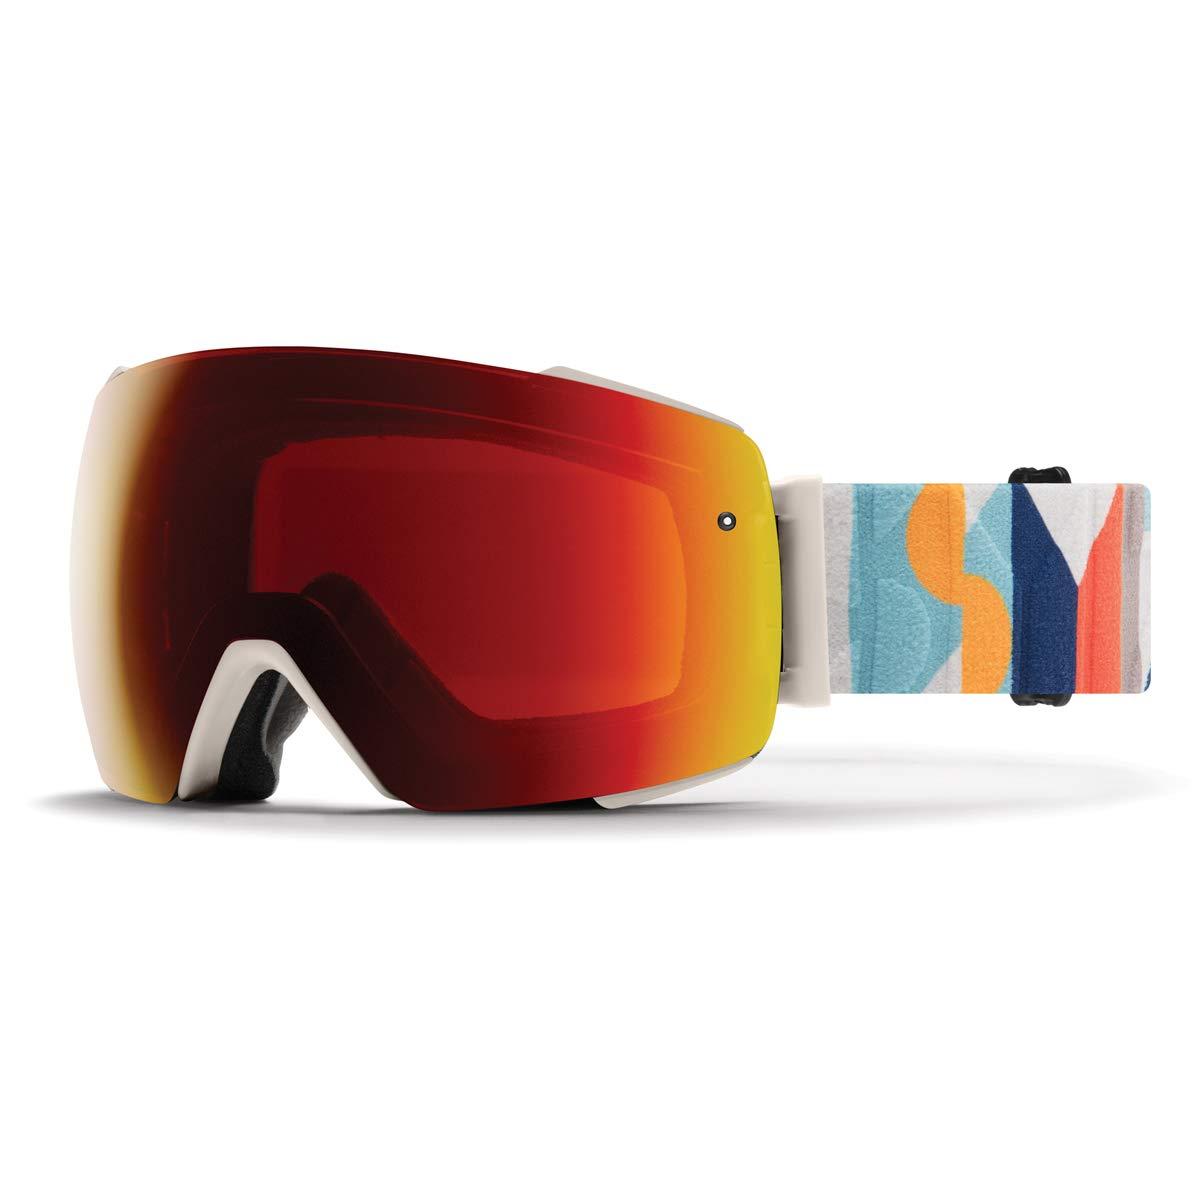 Smith Optics Io Mag Adult Snow Goggles - Evan Hecox/Chromapop Sun Red Mirror/One Size